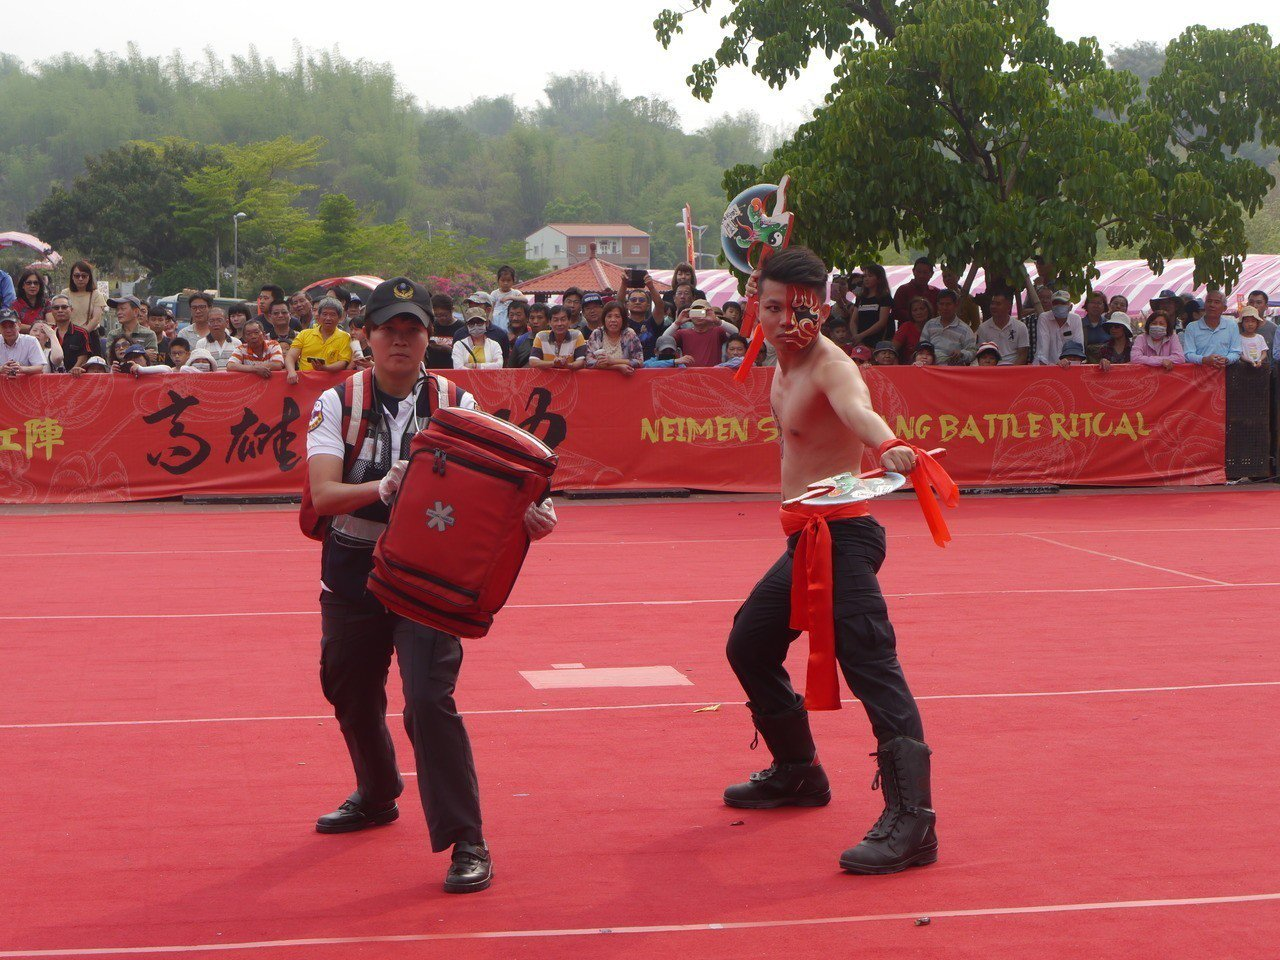 組合之一,雙斧搭配救護包。記者徐白櫻/攝影